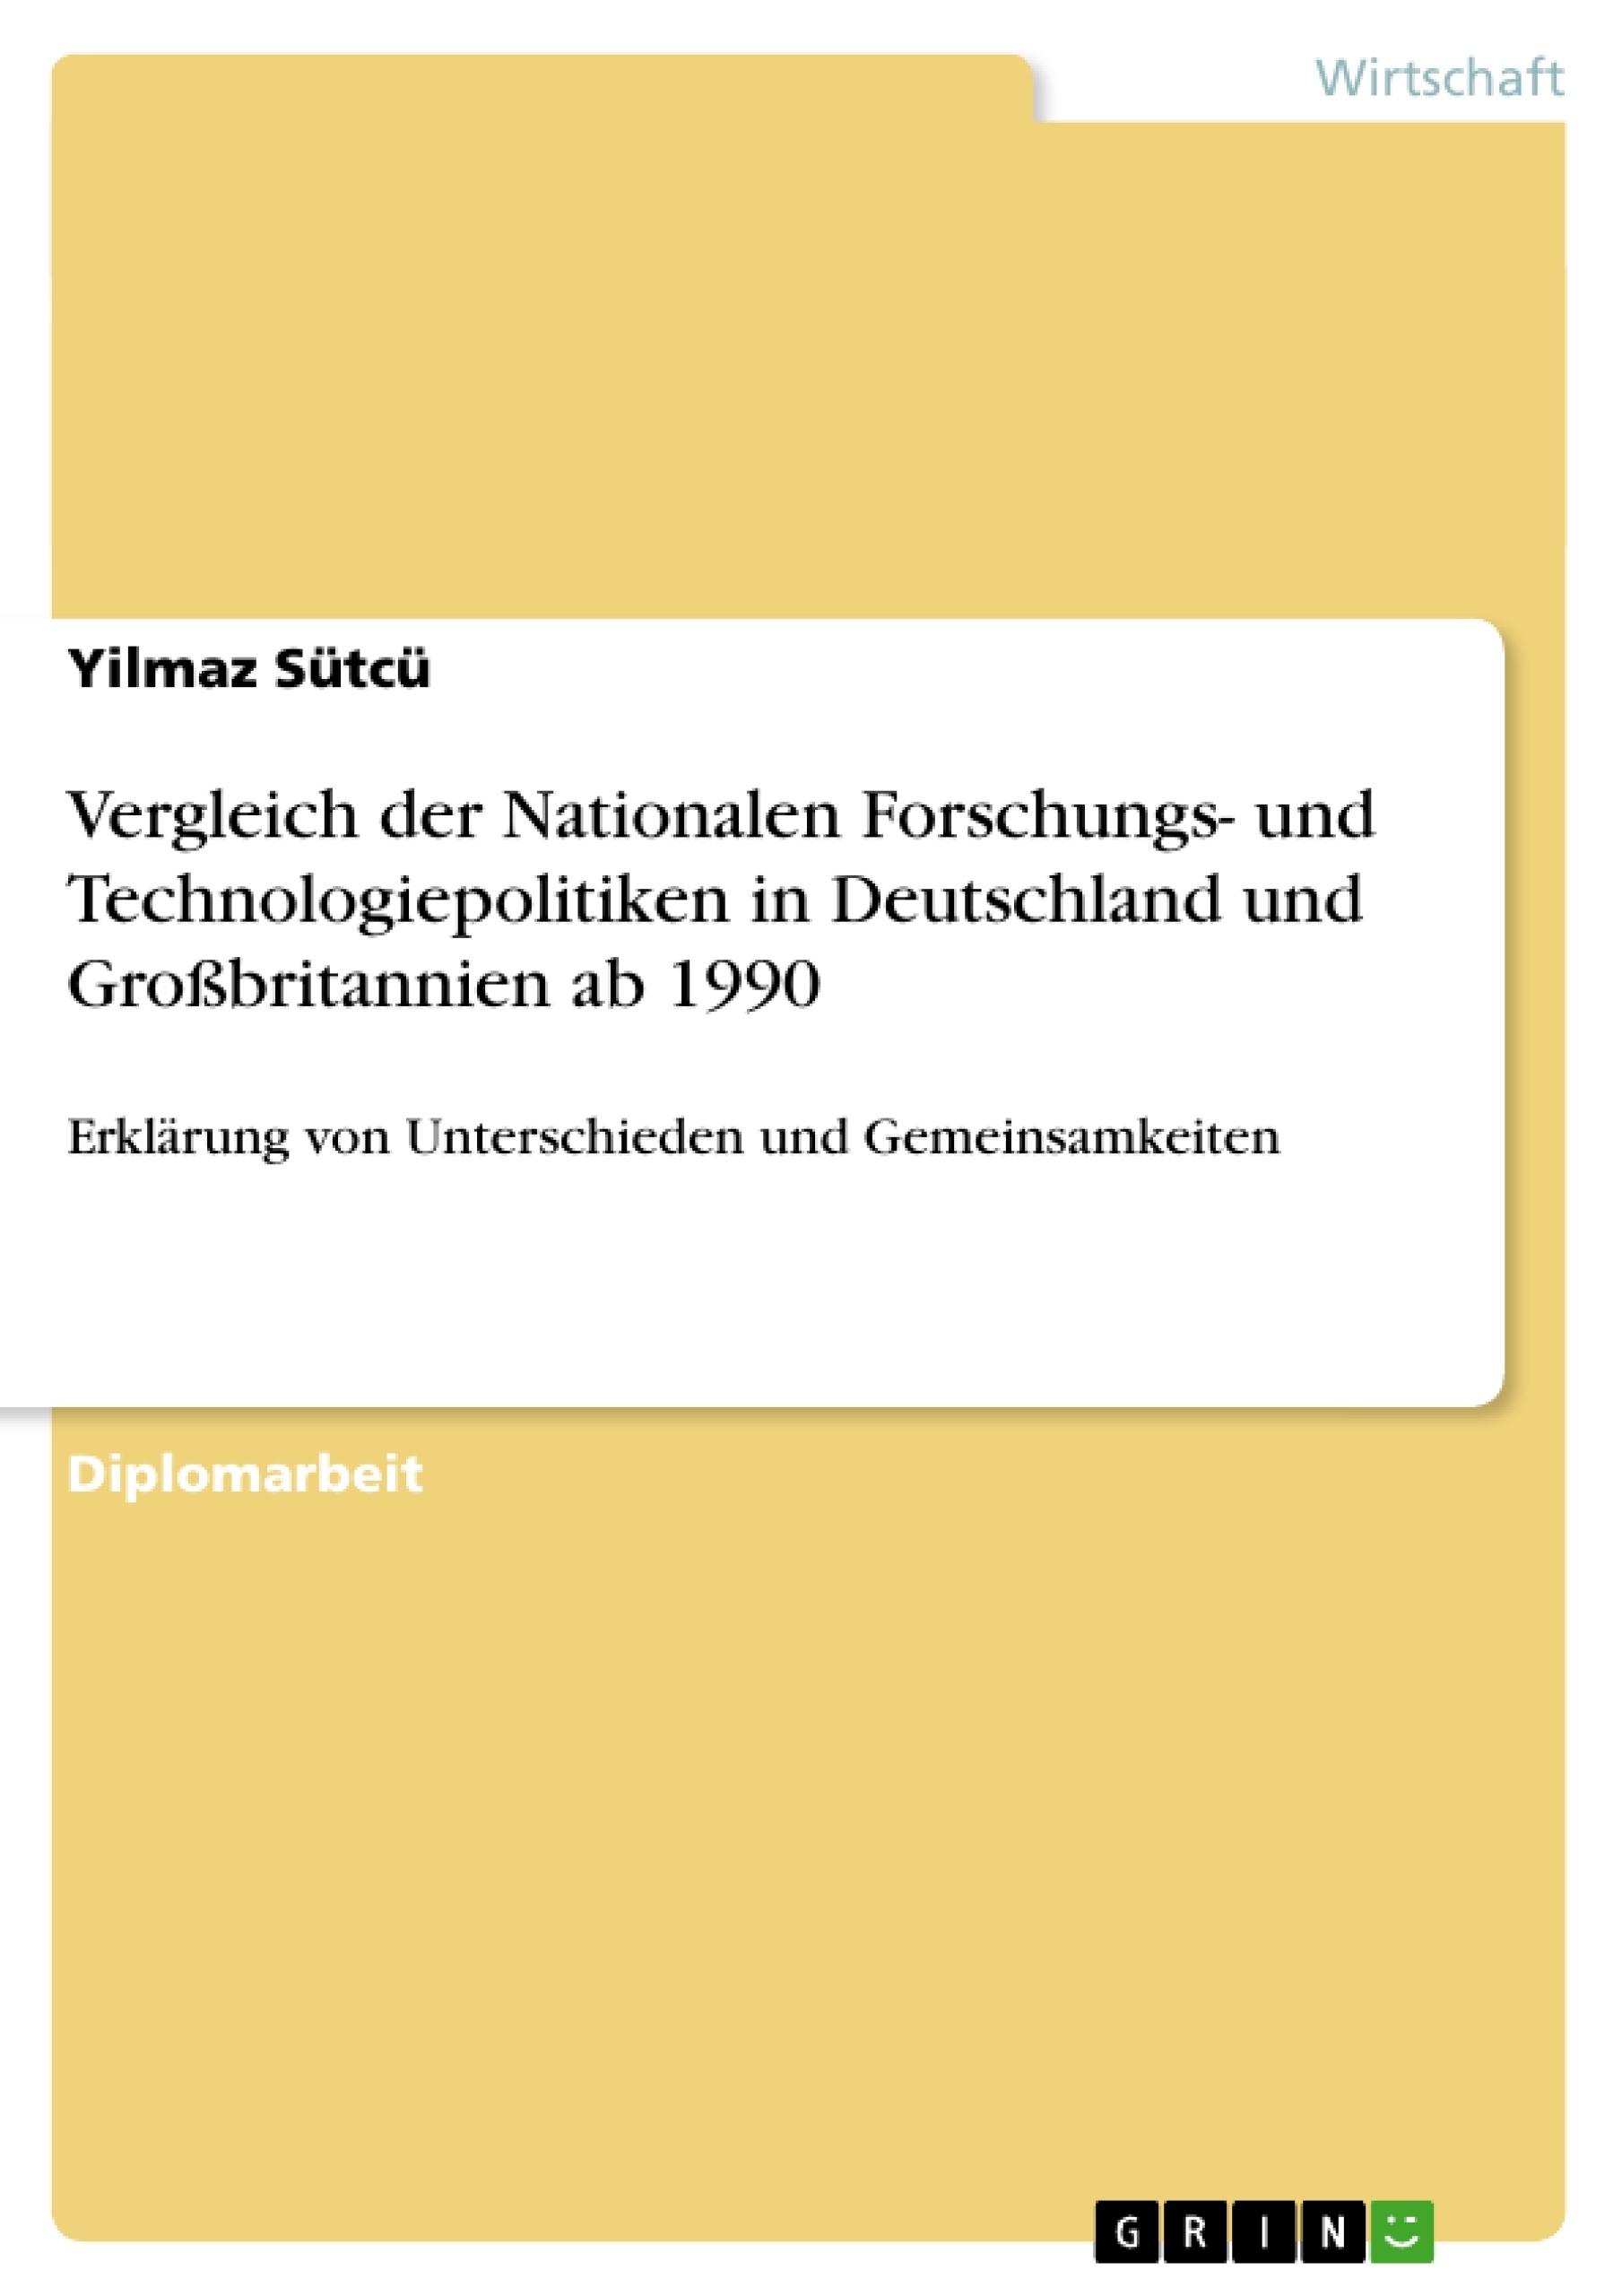 Titel: Vergleich der Nationalen Forschungs- und Technologiepolitiken in Deutschland und Großbritannien ab 1990